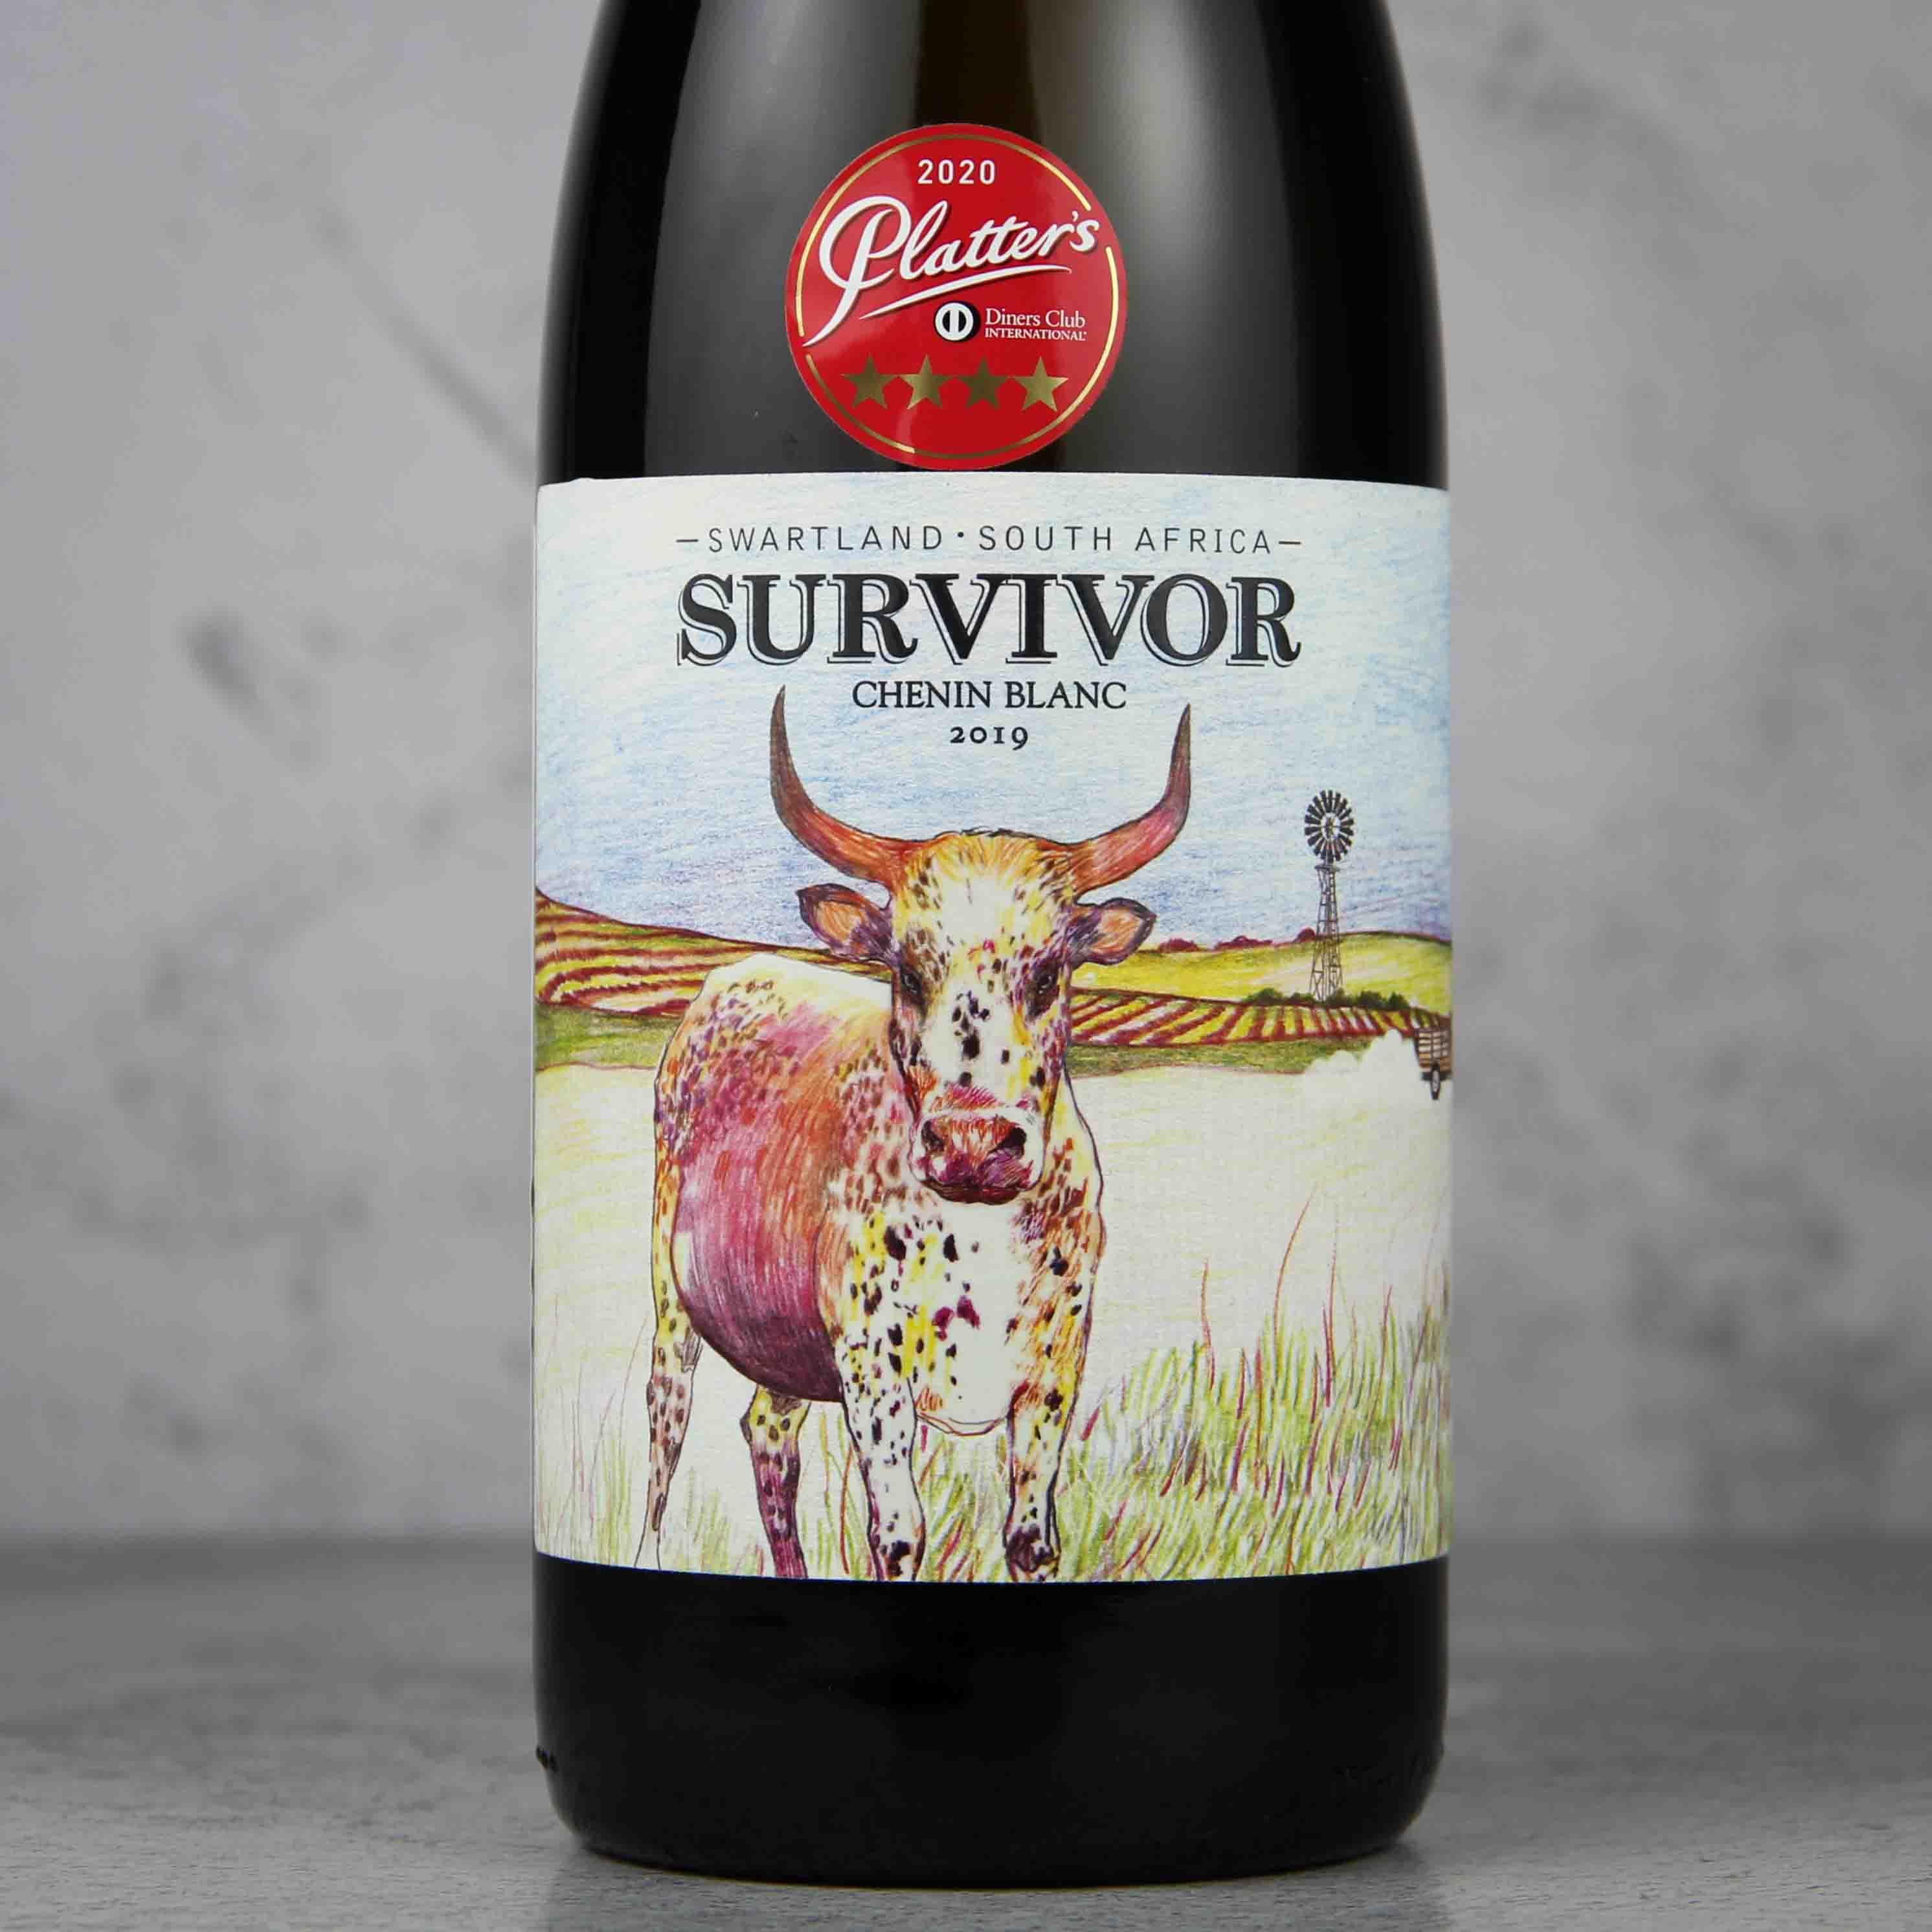 南非幸存者·大牛白诗南干白葡萄酒